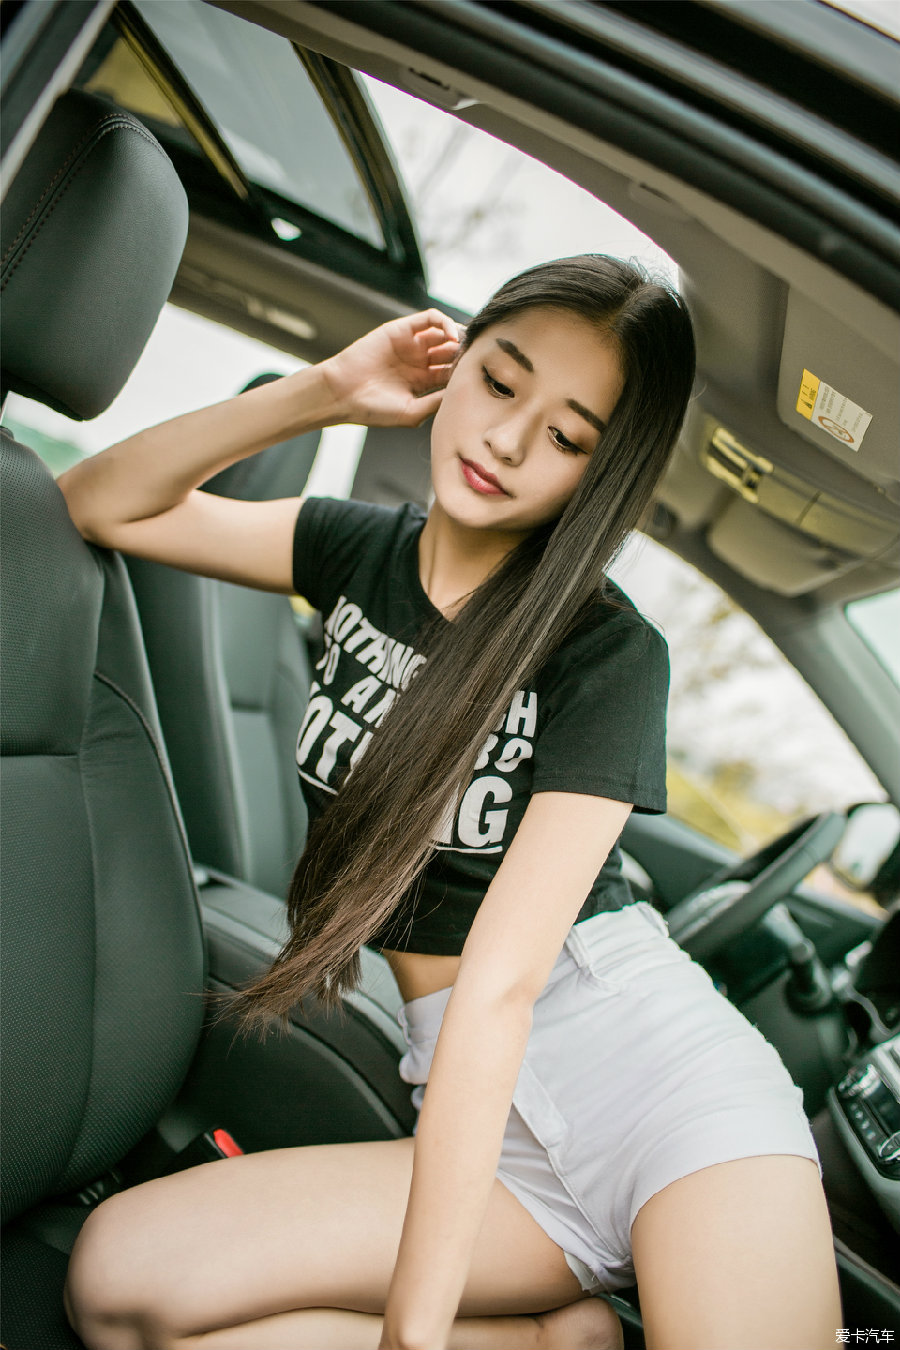 媳妇_> #小短腿和大长腿#2.0豪华版汉兰达提车 媳妇和后备箱的故事